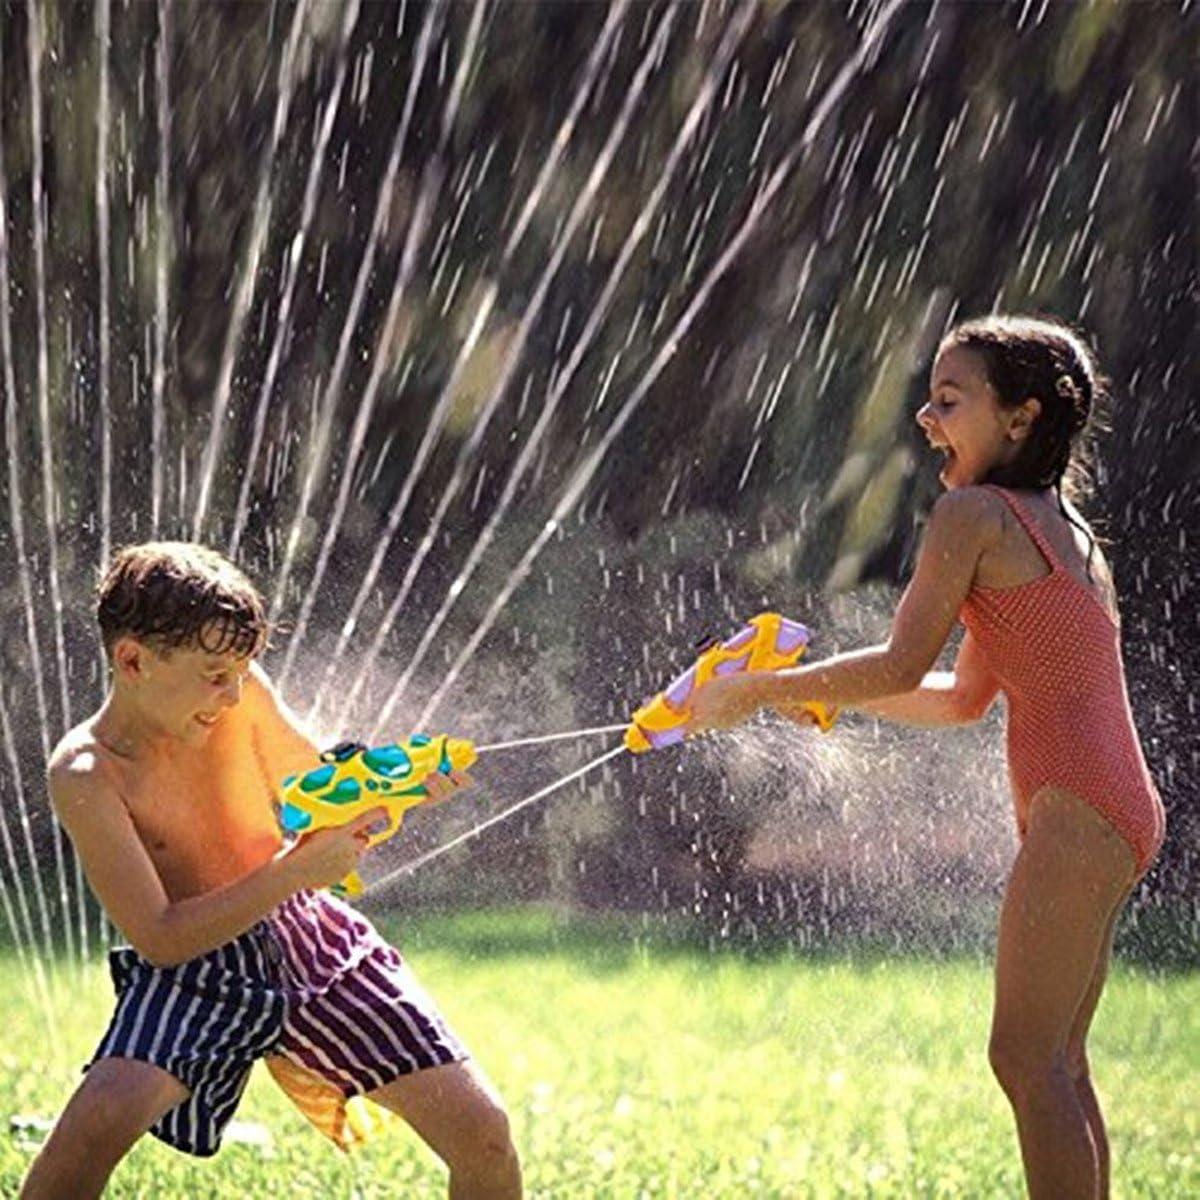 PluieSoleil Pistola de Agua 2 PCS Azul y Rojo Juguetes y Juegos Aire Libre y Deportes para Niños (B): Amazon.es: Juguetes y juegos